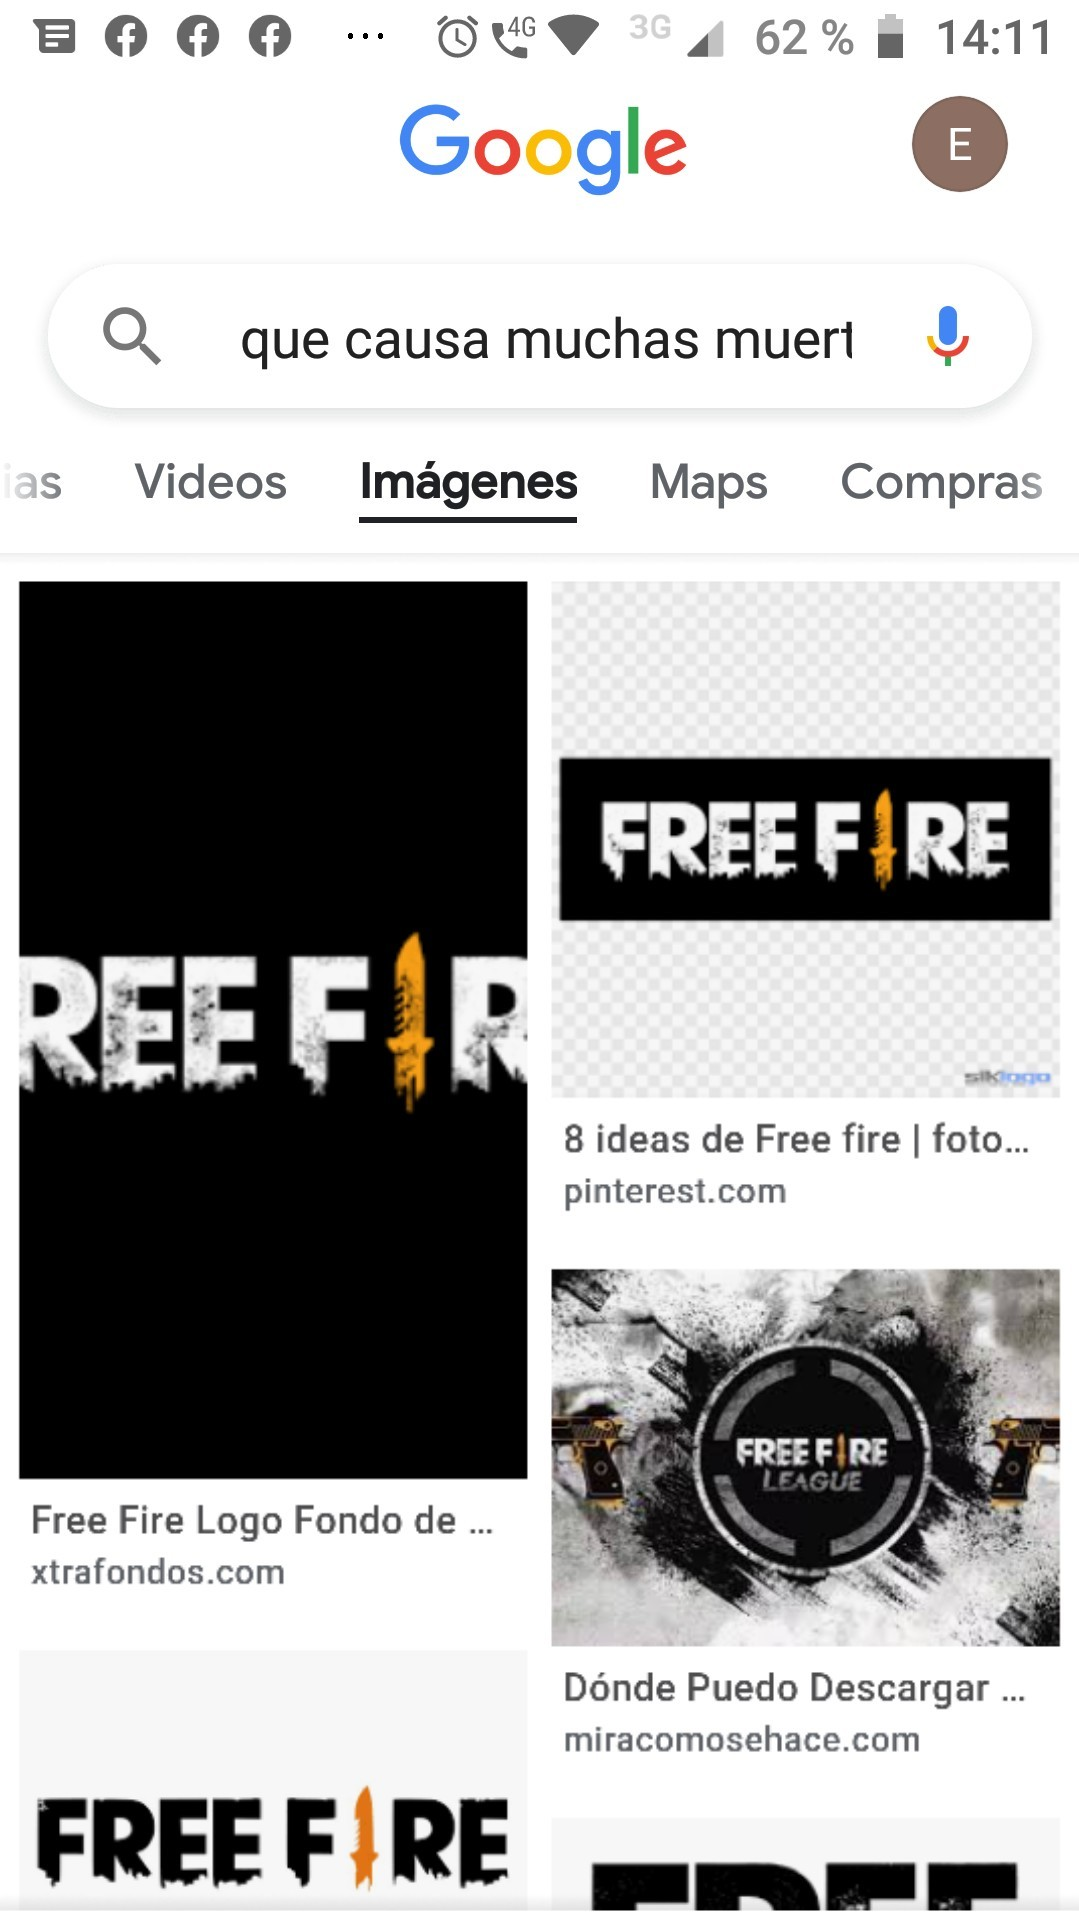 """No es por odiar free fire pero las noticias sobre muertes por """"culpa de este juego"""" son muy comunes - meme"""